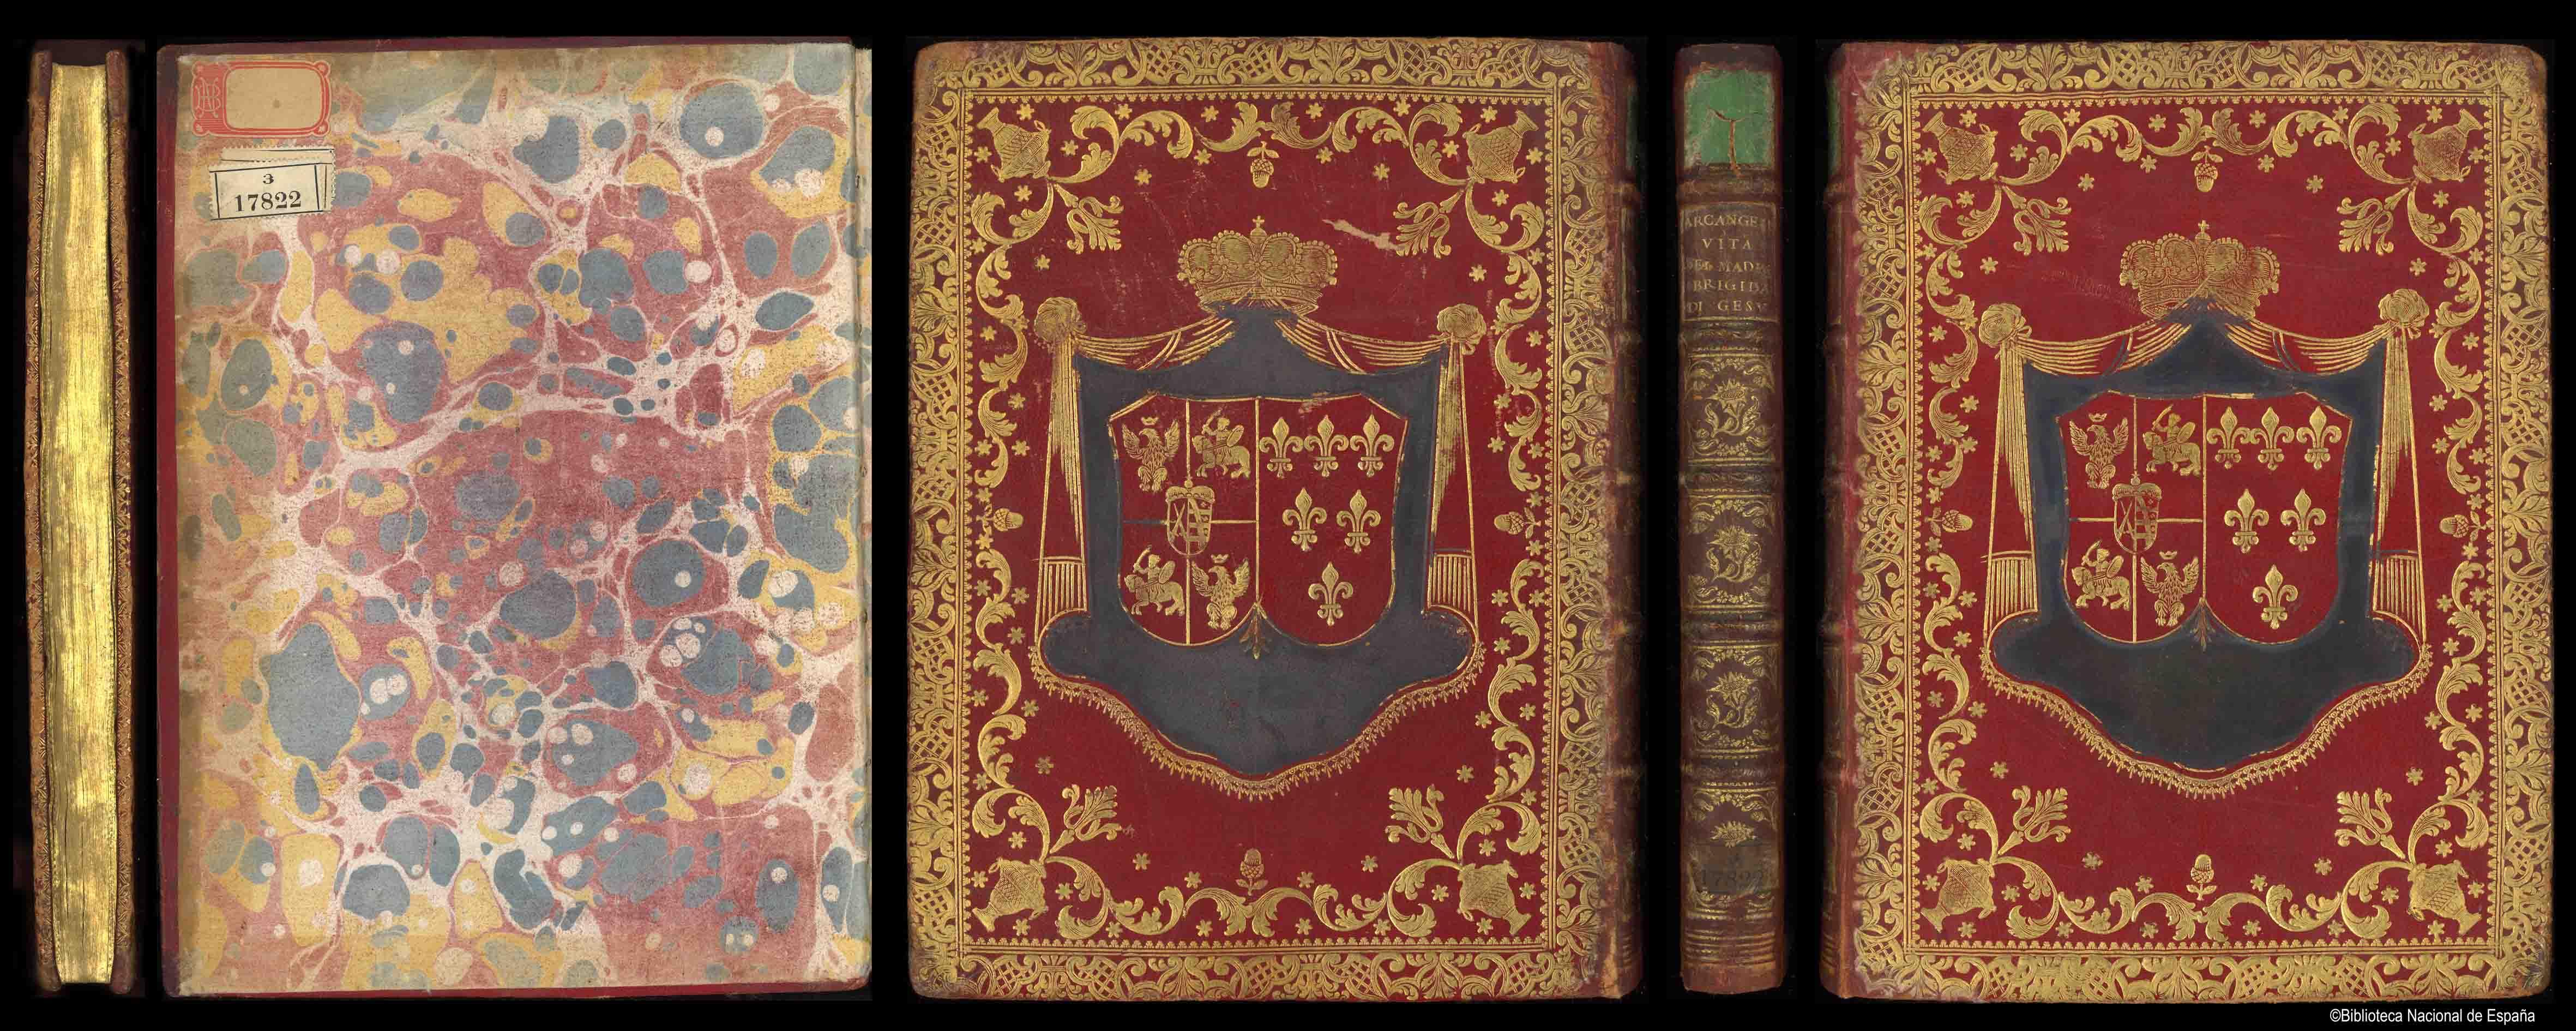 Encuadernación heráldica en tafilete rojo, con decoración estilo rococó; orla exterior rematada por encuadramiento de doble hilo y rueda dentada; jarrones en las esquinas de los que parte una orla formada por rocallas, estrellas y pequeñas bellotas, que enmarcan un supralibros central con las armas de Polonia-Lituania y de la casa de Parma sobre manto pintado de azul y bajo corona real; pertenecientes, respectivamente a las reinas Maria Amalia de Sajonia e Isabel de Farnesio; lomo con seis nervios, con entrenervios cuajados con motivos florales; cantos decorados; cortes dorados y cincelados; hojas de guarda de papel marmoleado. Según J.M. de Francisco Olmos, esta encuadernación pudo ser un regalo de Maria Amalia de Sajonia a su suegra, Isabel de Farnesio, a su llegada a España, lo cual justificaría la presencia de las ar mas de ambas reinas